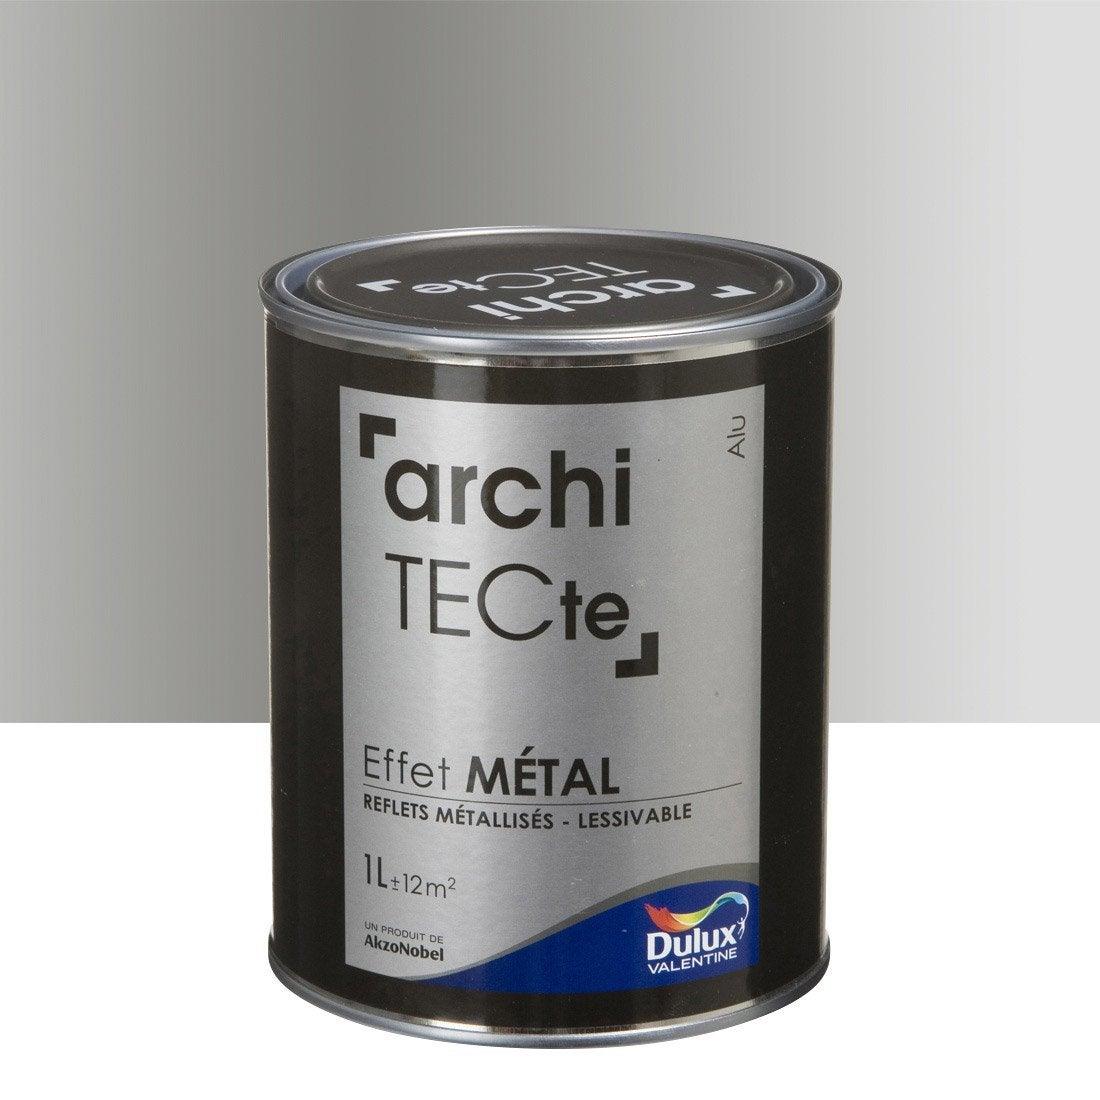 Peinture effet architecte effet m tal dulux valentine gris aluminium 1 l - Peinture effet aluminium ...